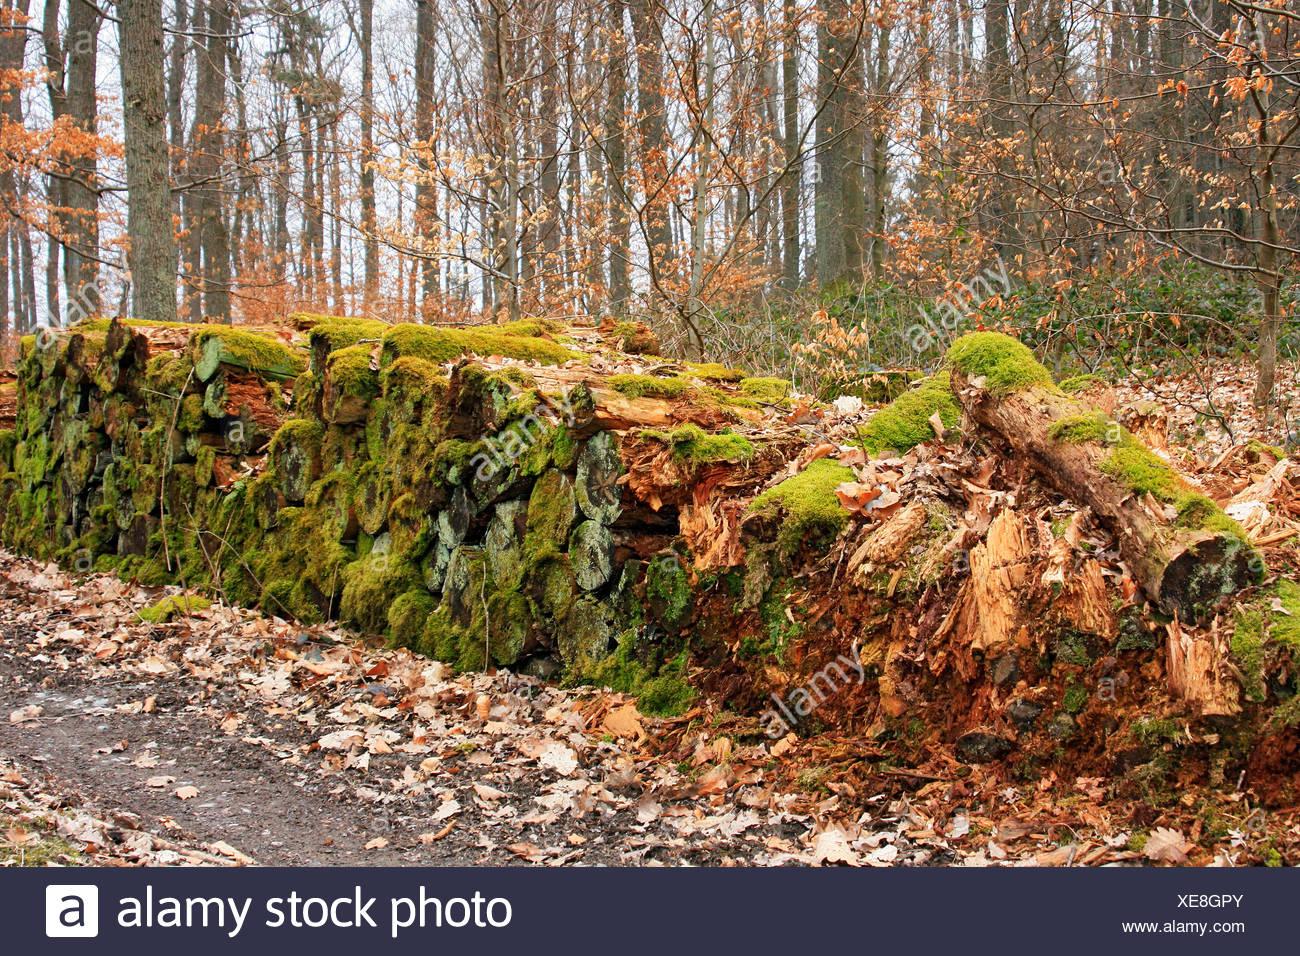 Podredumbre logpile cubiertas de musgo al lado de un camino forestal, el despilfarro de los recursos naturales Imagen De Stock